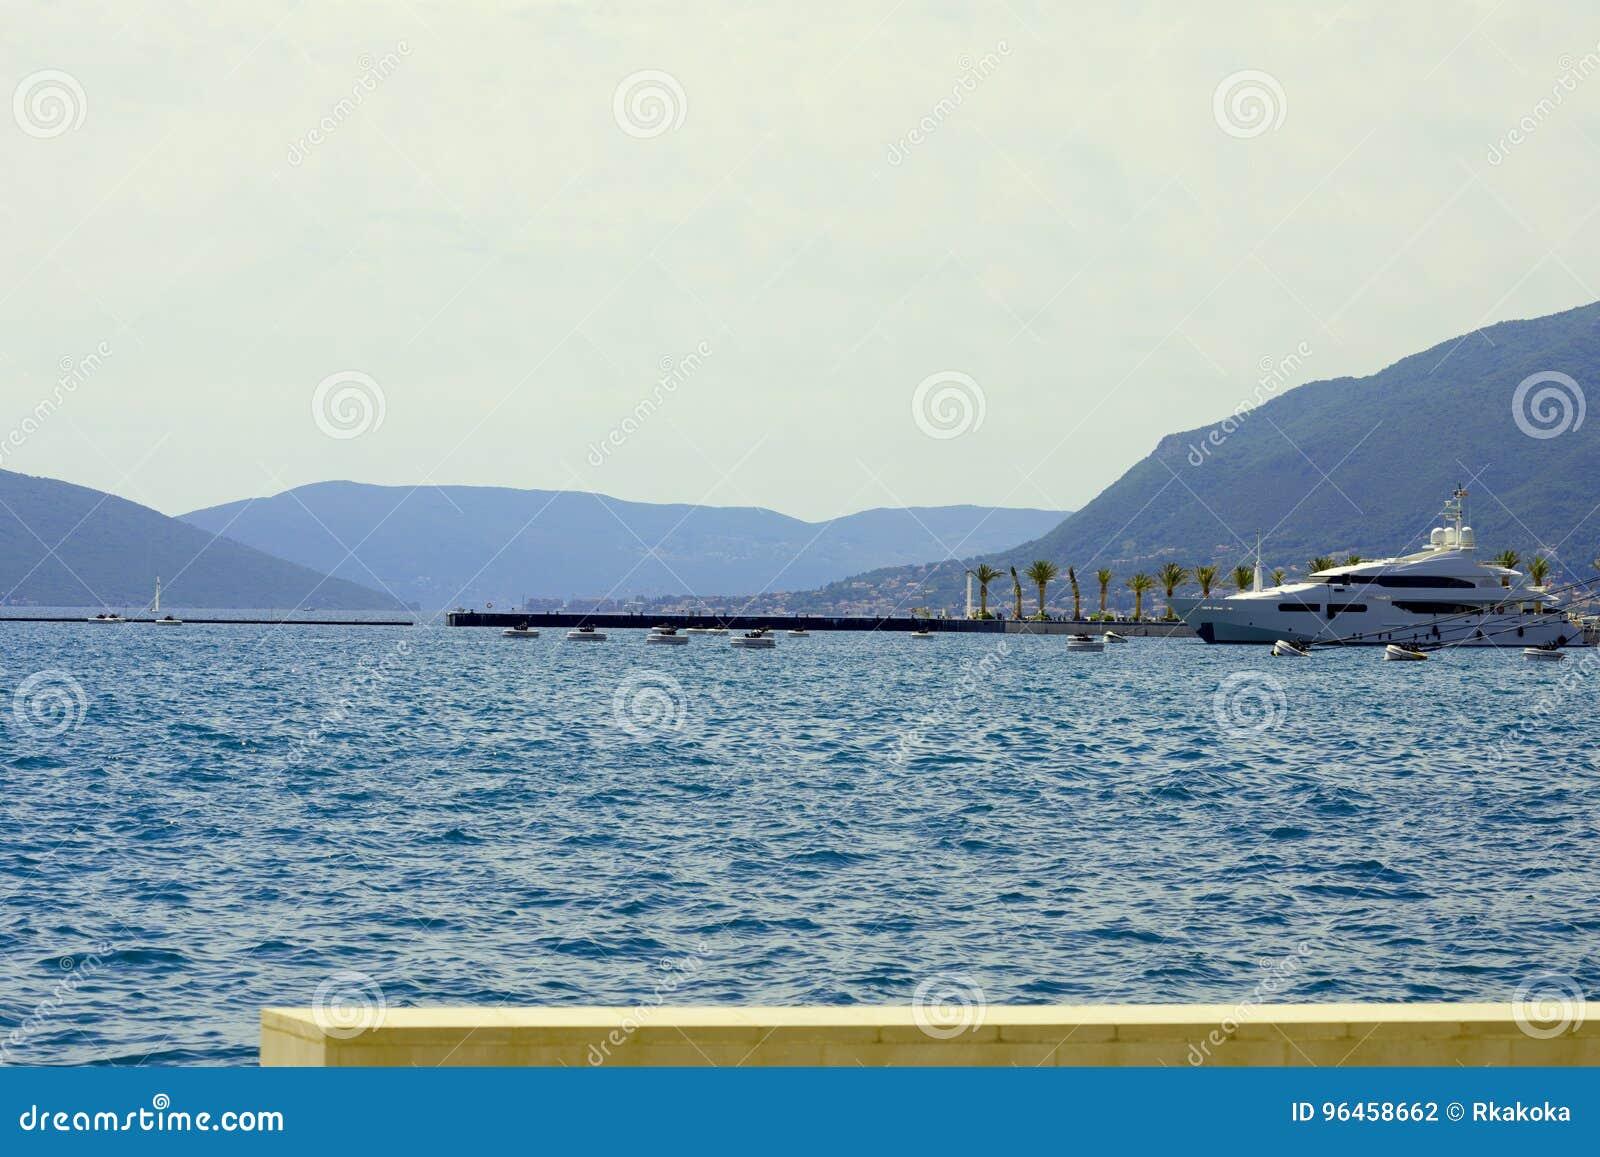 Πολυτελής βάρκα που δένεται σε έναν όμορφο κόλπο που περιβάλλεται από το mounta